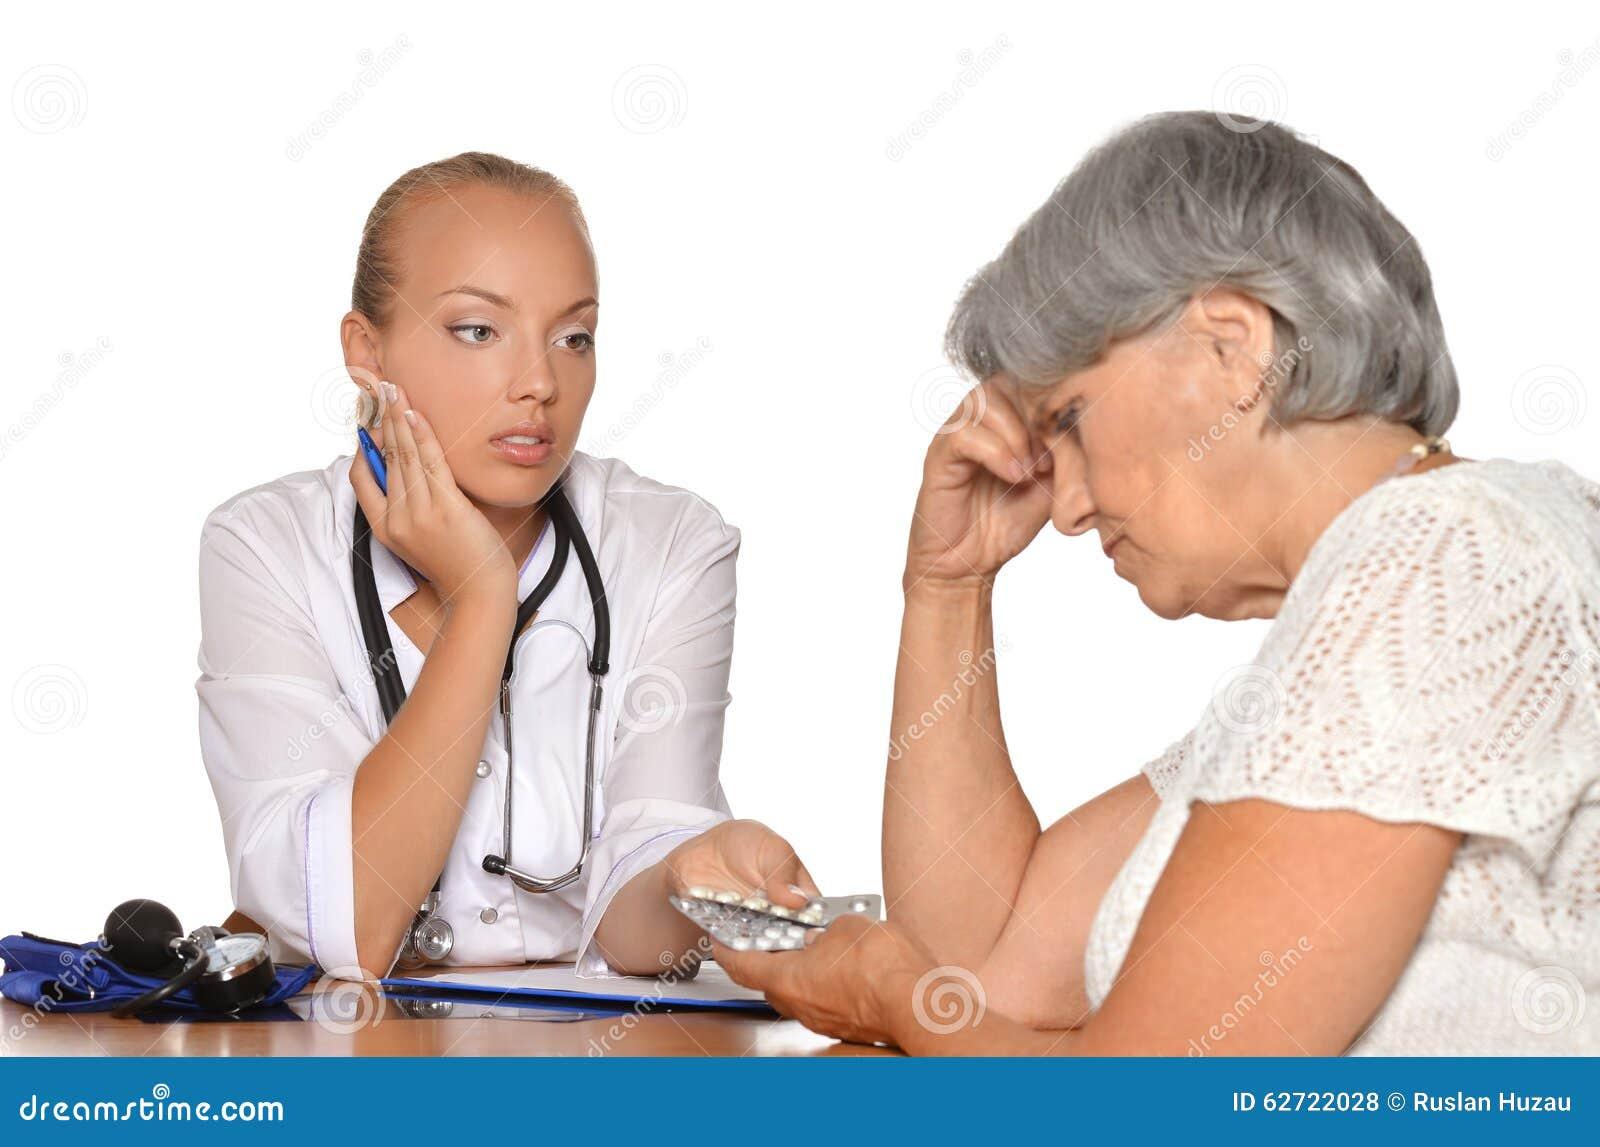 коврик виде старушка пришла на прием к молодому доктору объявления фильмов выбранной